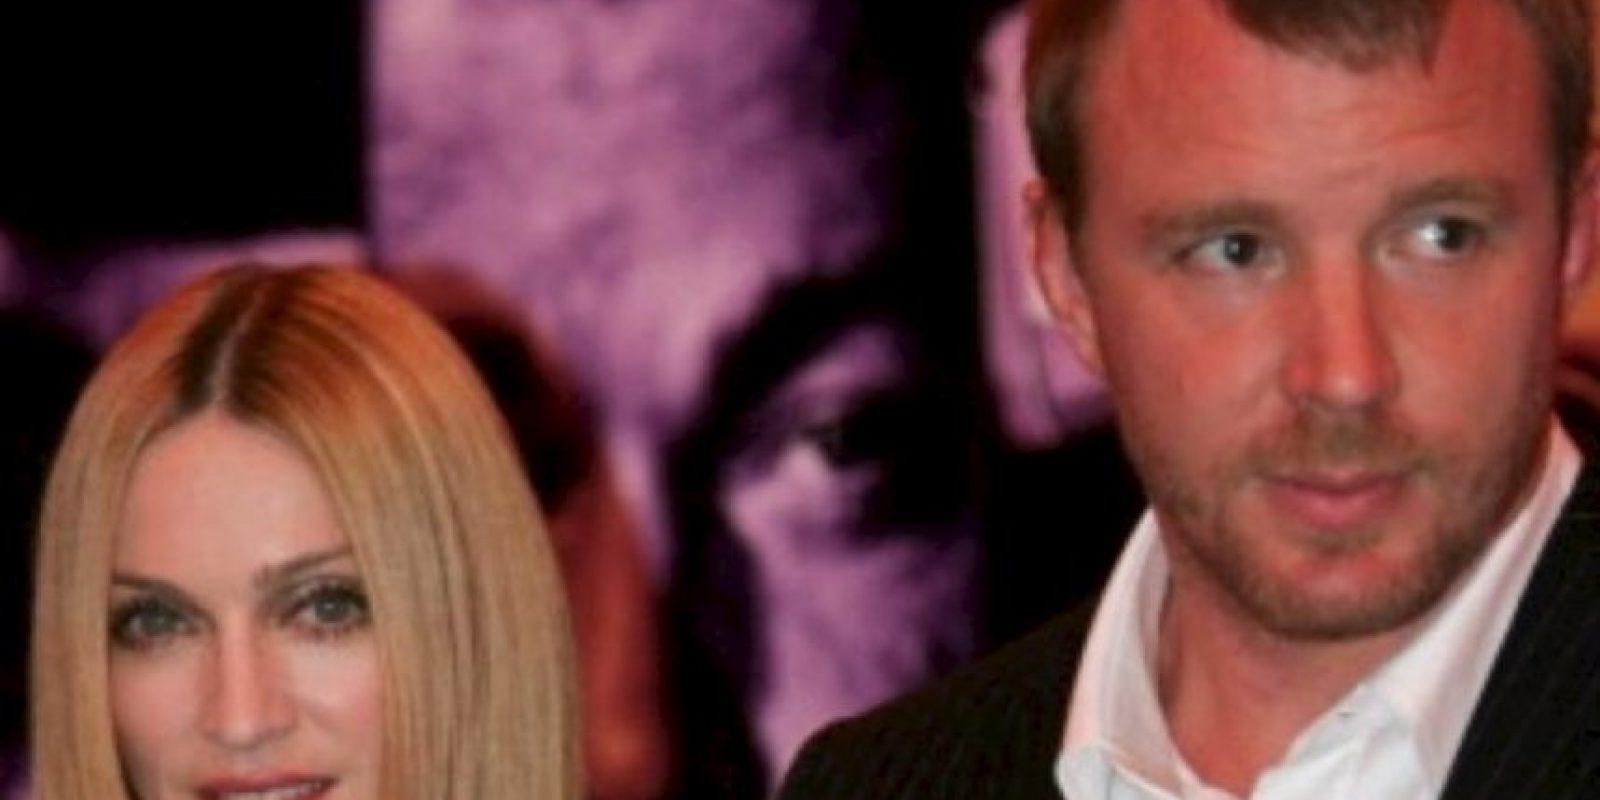 Madonna le puso el cuerno a un tipo decente como Guy Ritchie, que dirigía películas buenas hasta que se casó con ella. Foto:vía Getty Images